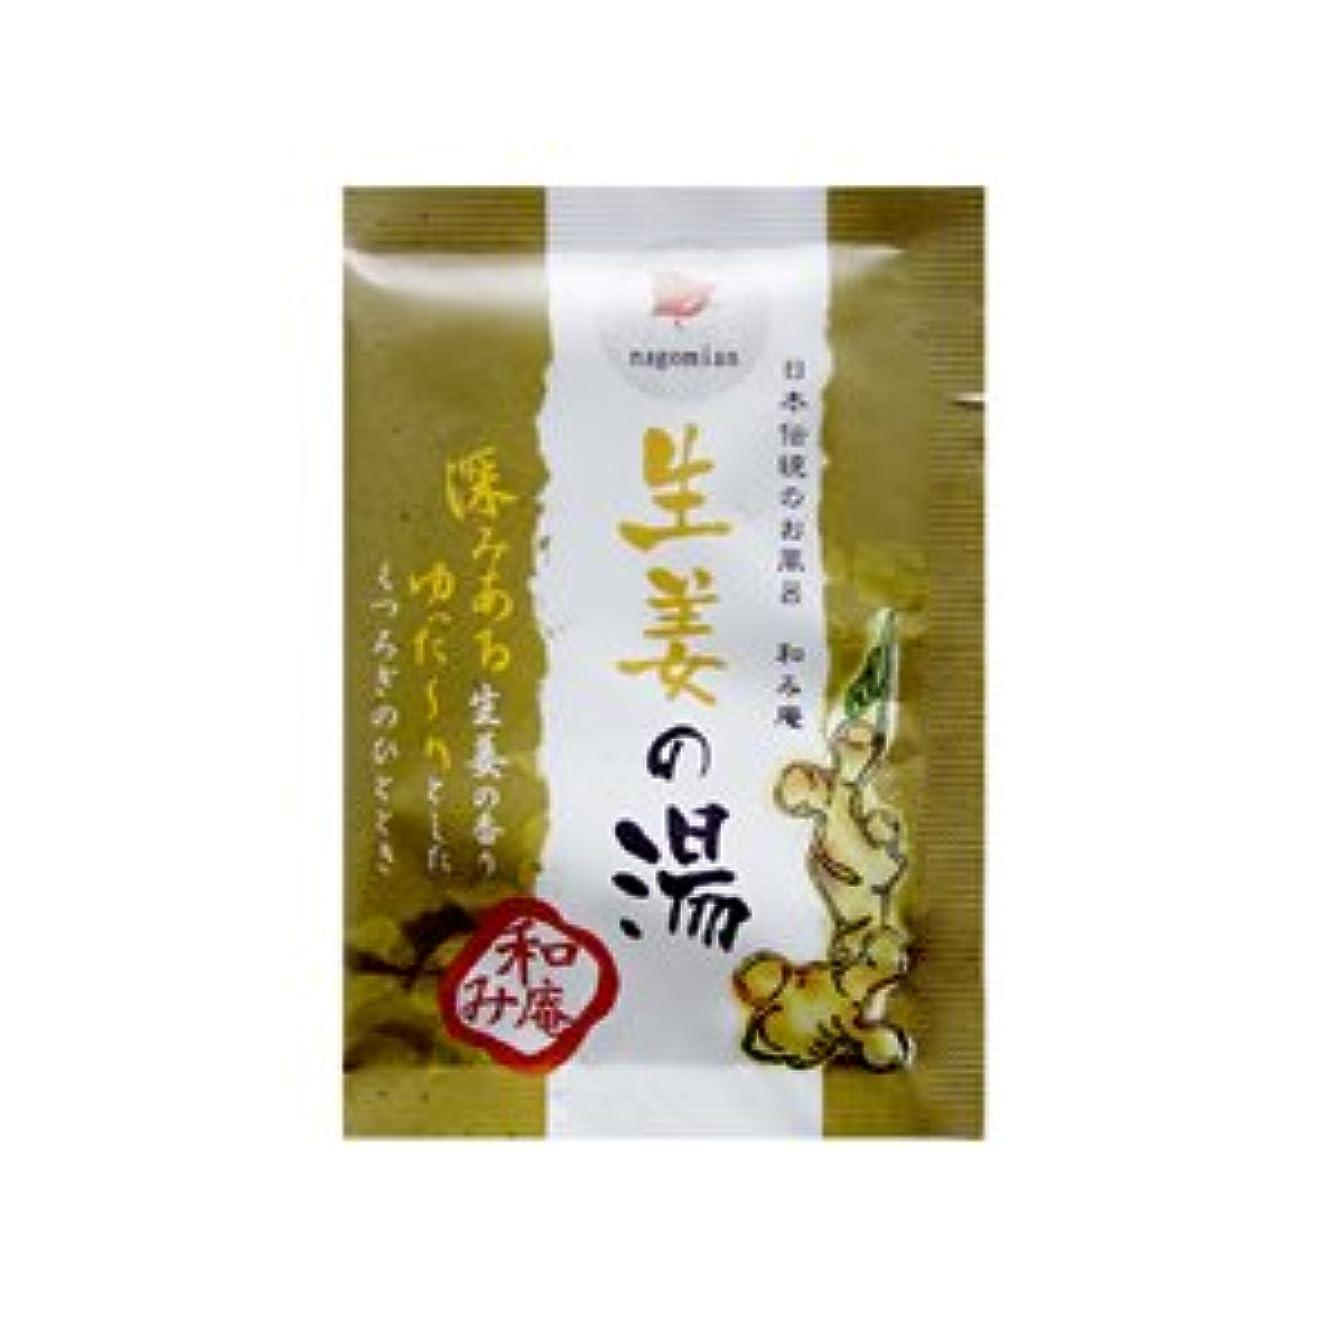 日本伝統のお風呂 和み庵 生姜の湯 25g 10個セット